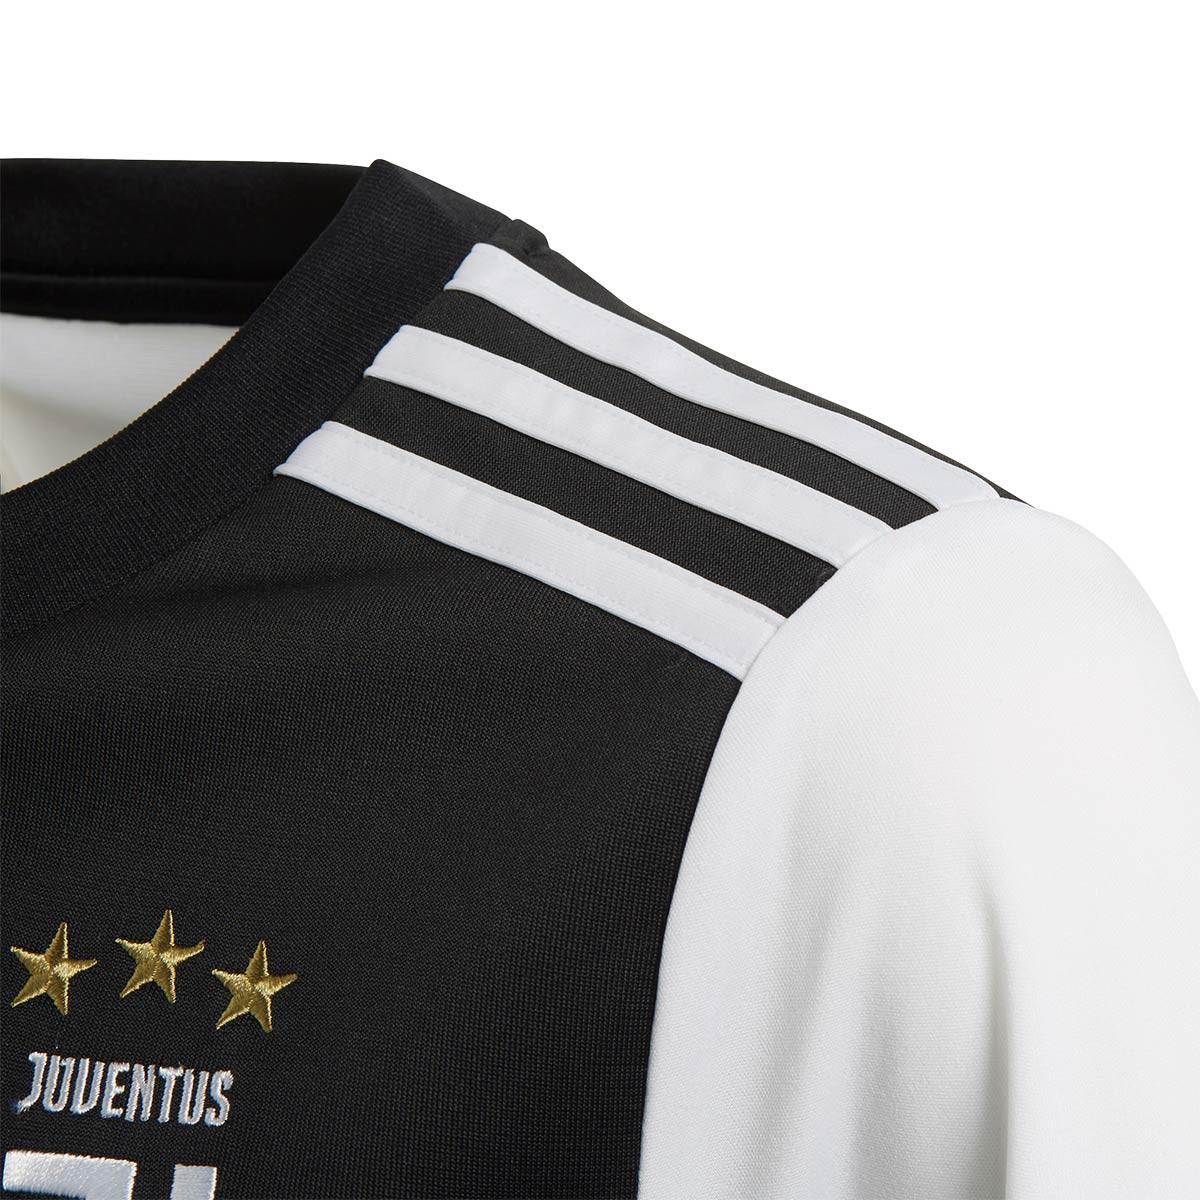 de8605375f808 Popis · Na stiahnutie · Podobný tovar. Detský domáci dres Juventus FC #7  RONALDO (sezóna 2019-2020). Originálny licencovaný produkt Adidas.